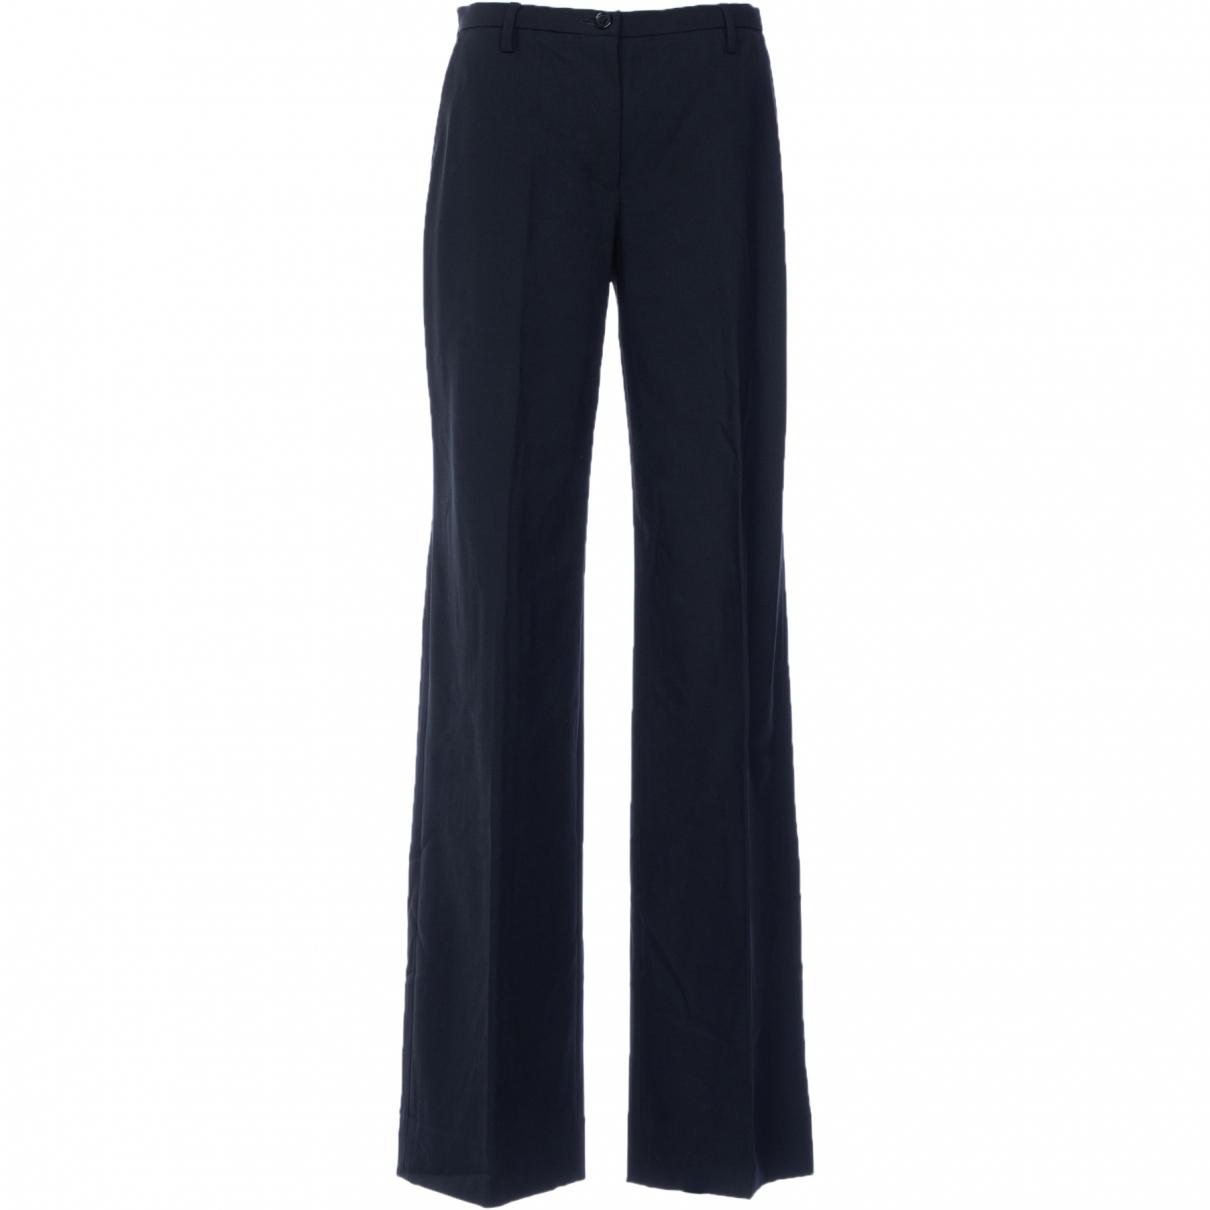 Dolce & Gabbana - Pantalon   pour femme en laine - noir